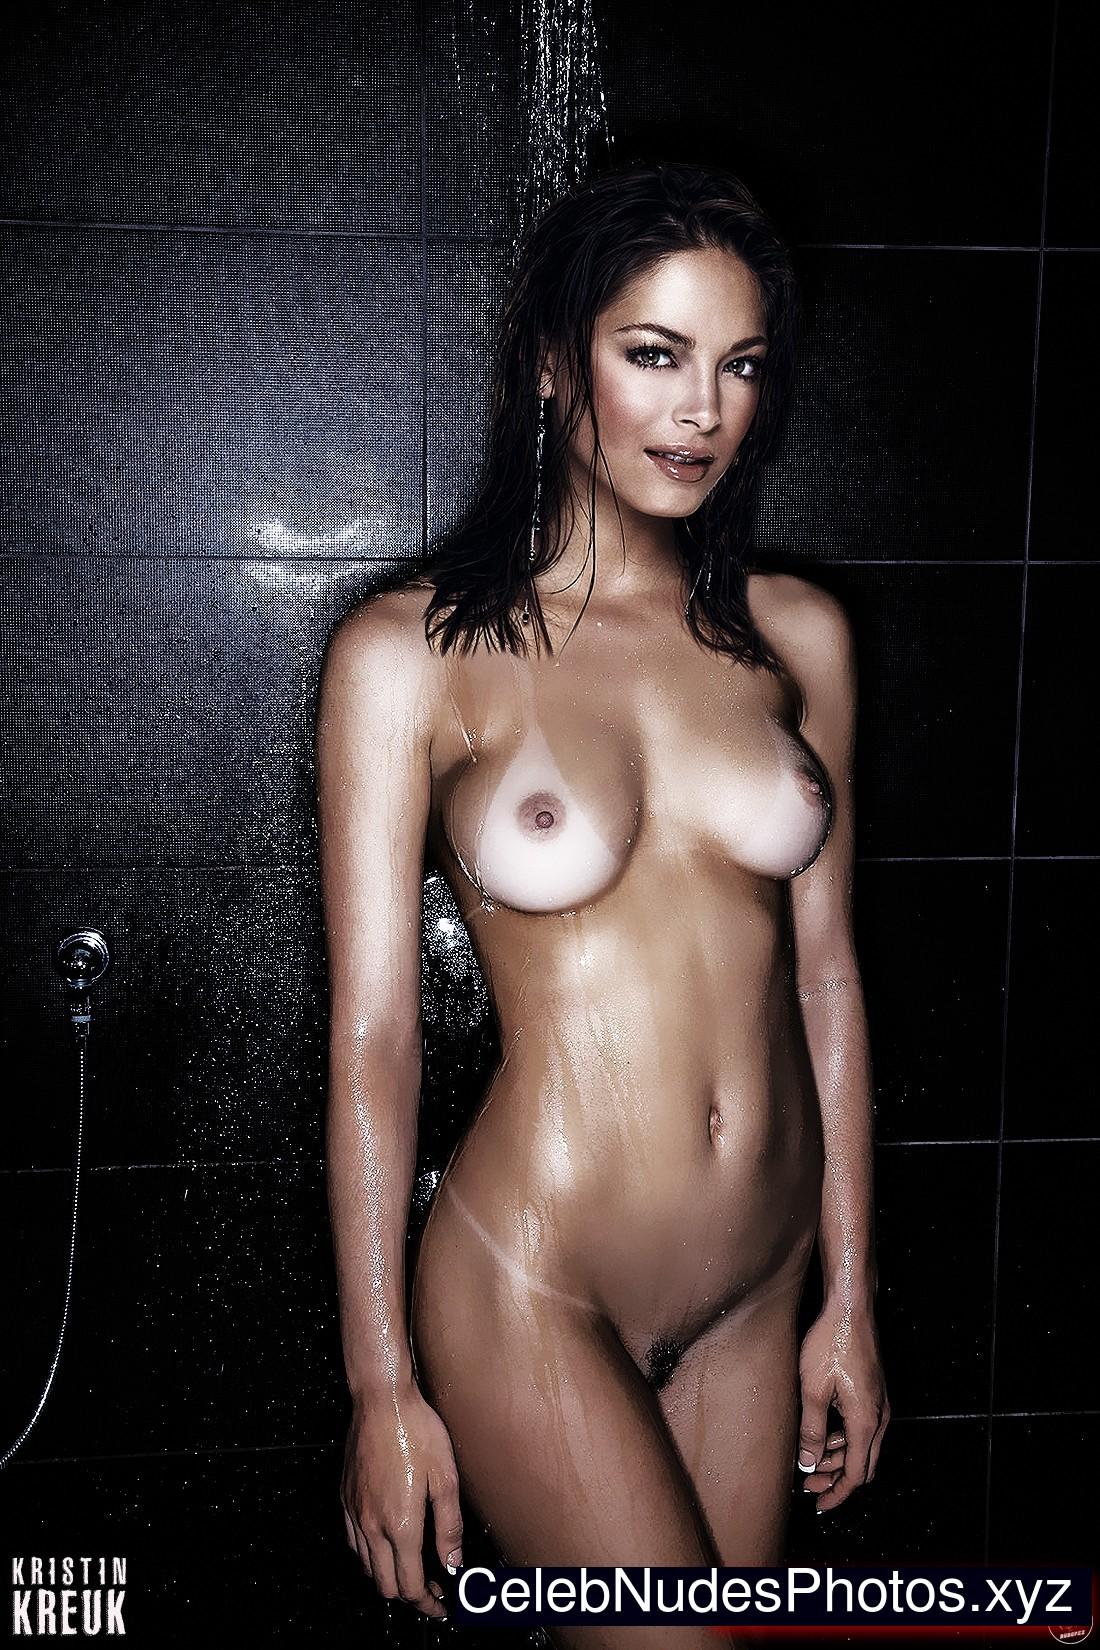 Celebrity celebrity image nude nude all